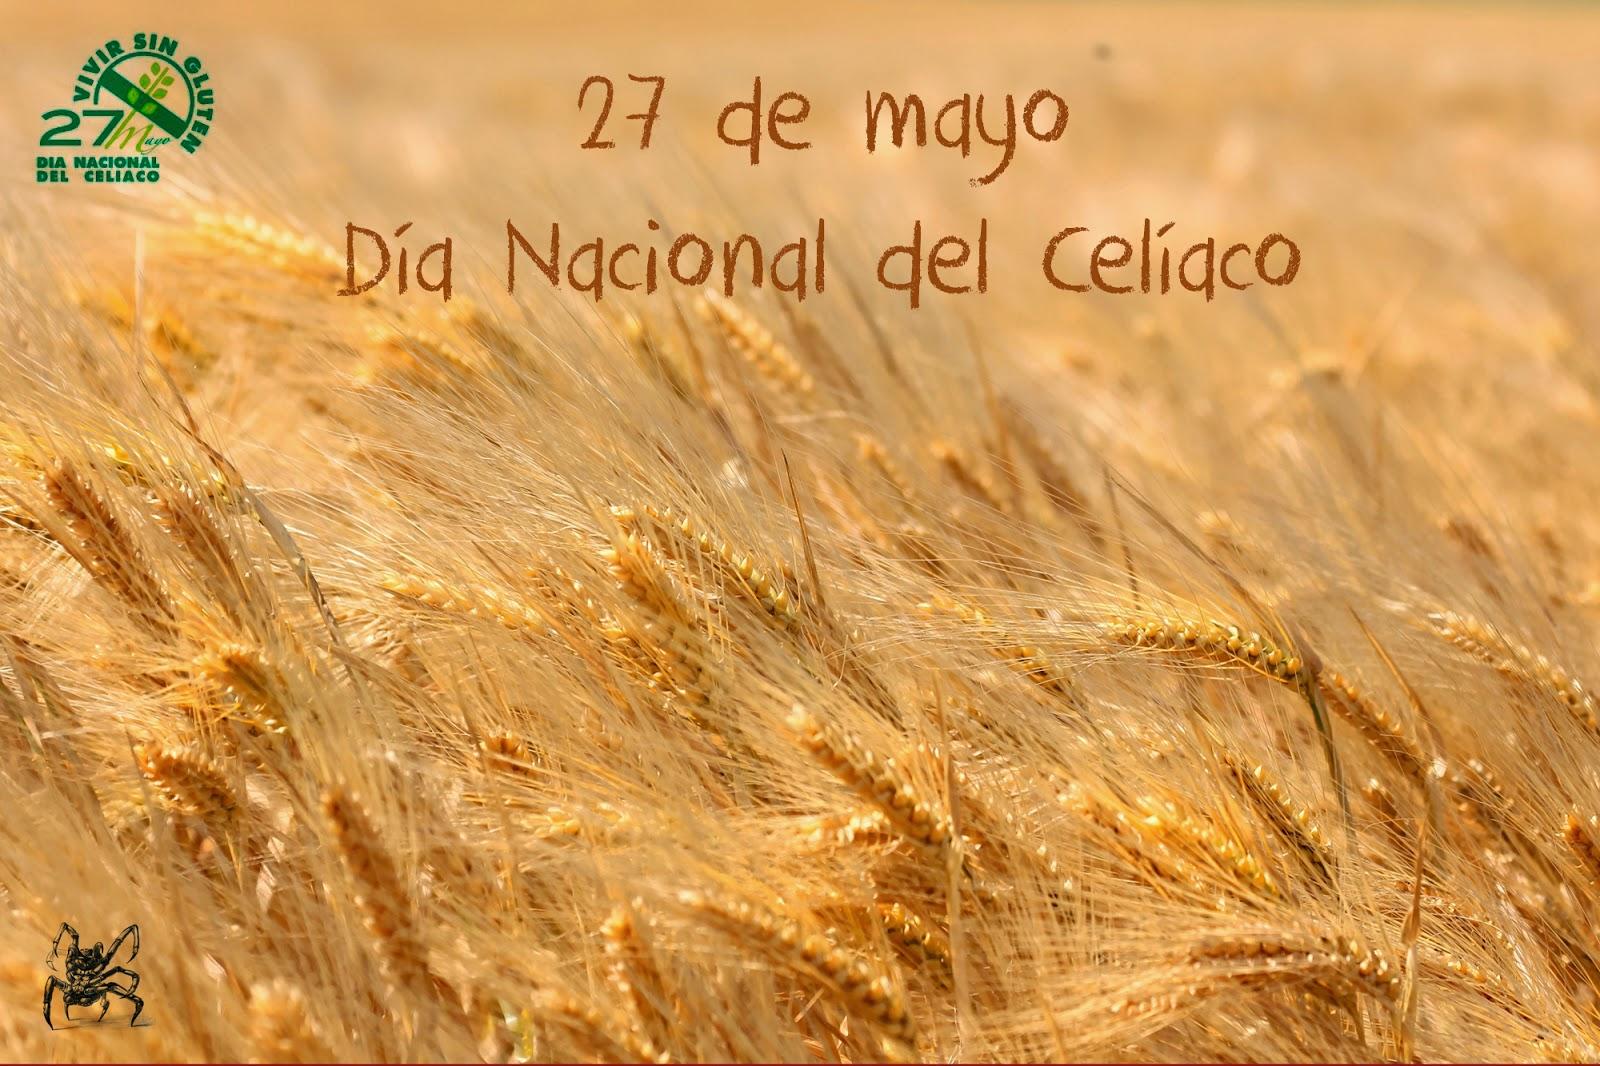 El 27 de mayo es el día nacional del celíaco